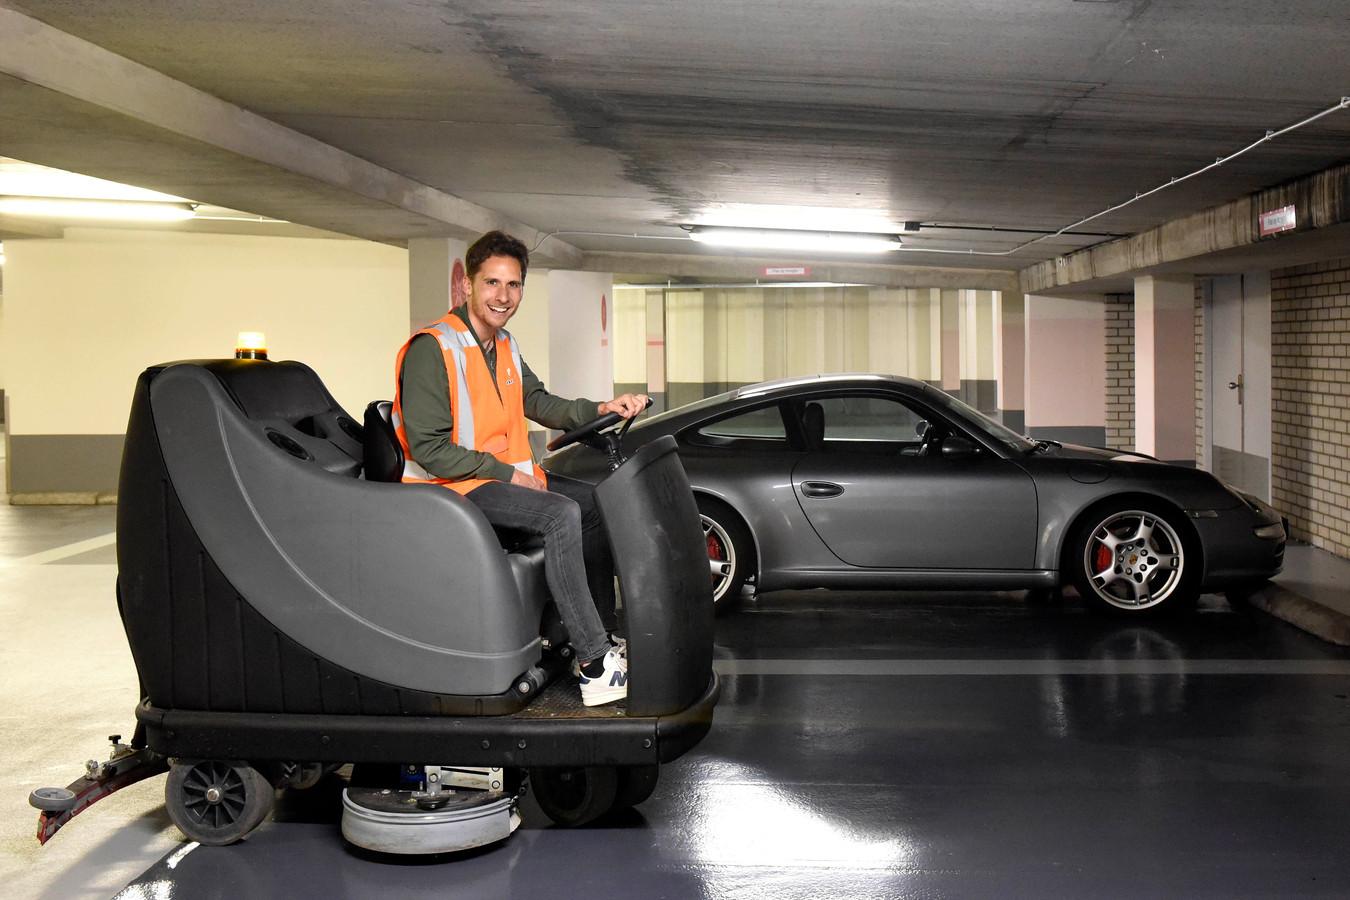 Als servicemedewerker maakt Eelco Brandes parkeergarage Castellum weer spic en span. Het rijden op de schoonmaakmachine gaf een vrij gevoel.